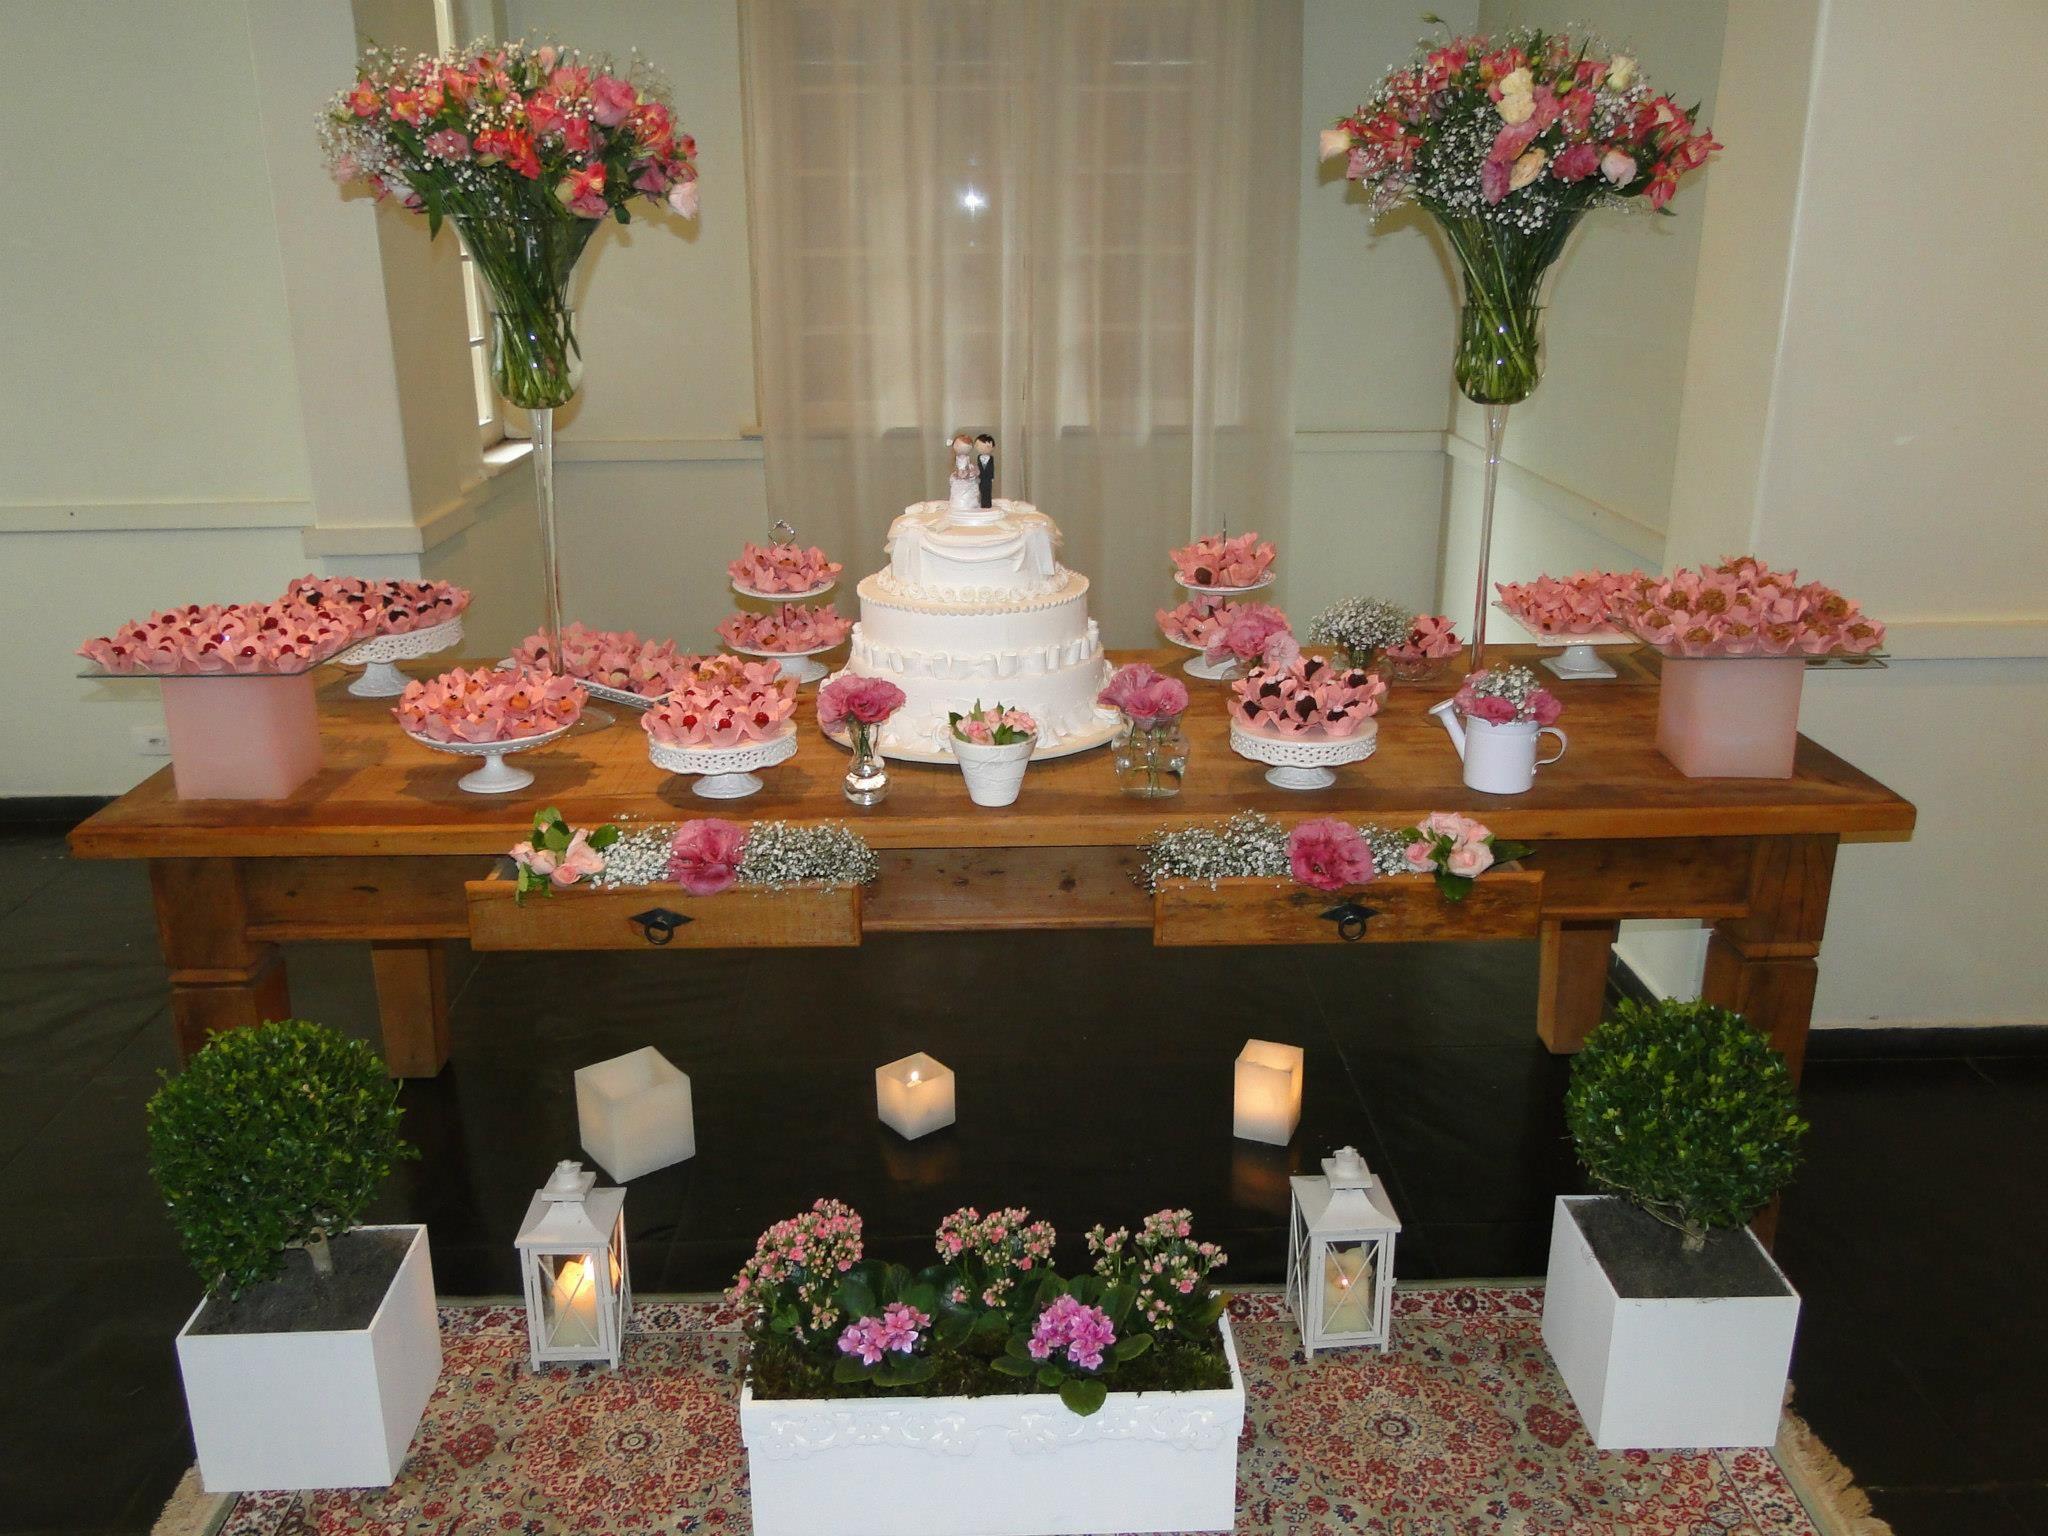 Olha ai mana, a mesa simples, com a renda que tem na outra mesa, e o charme esta nestas  -> Decoração De Mesa De Casamento Barato